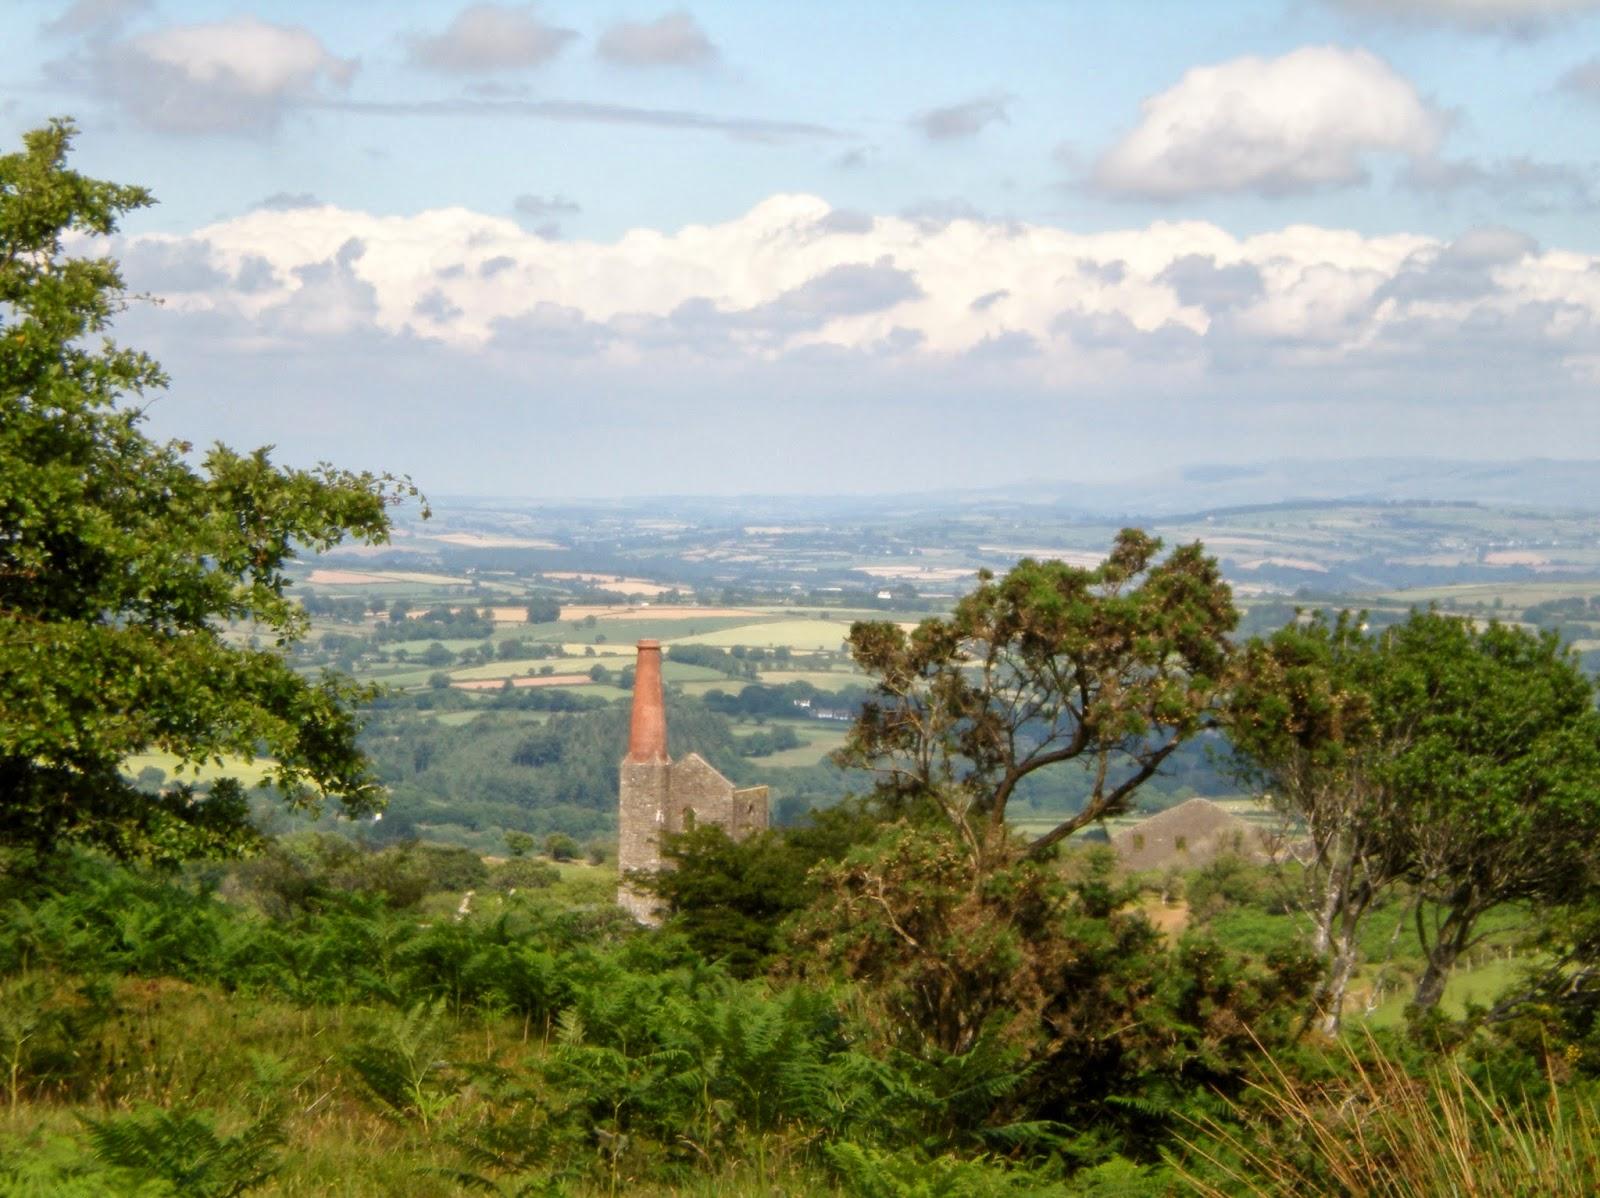 Bodmin Moor, mine working